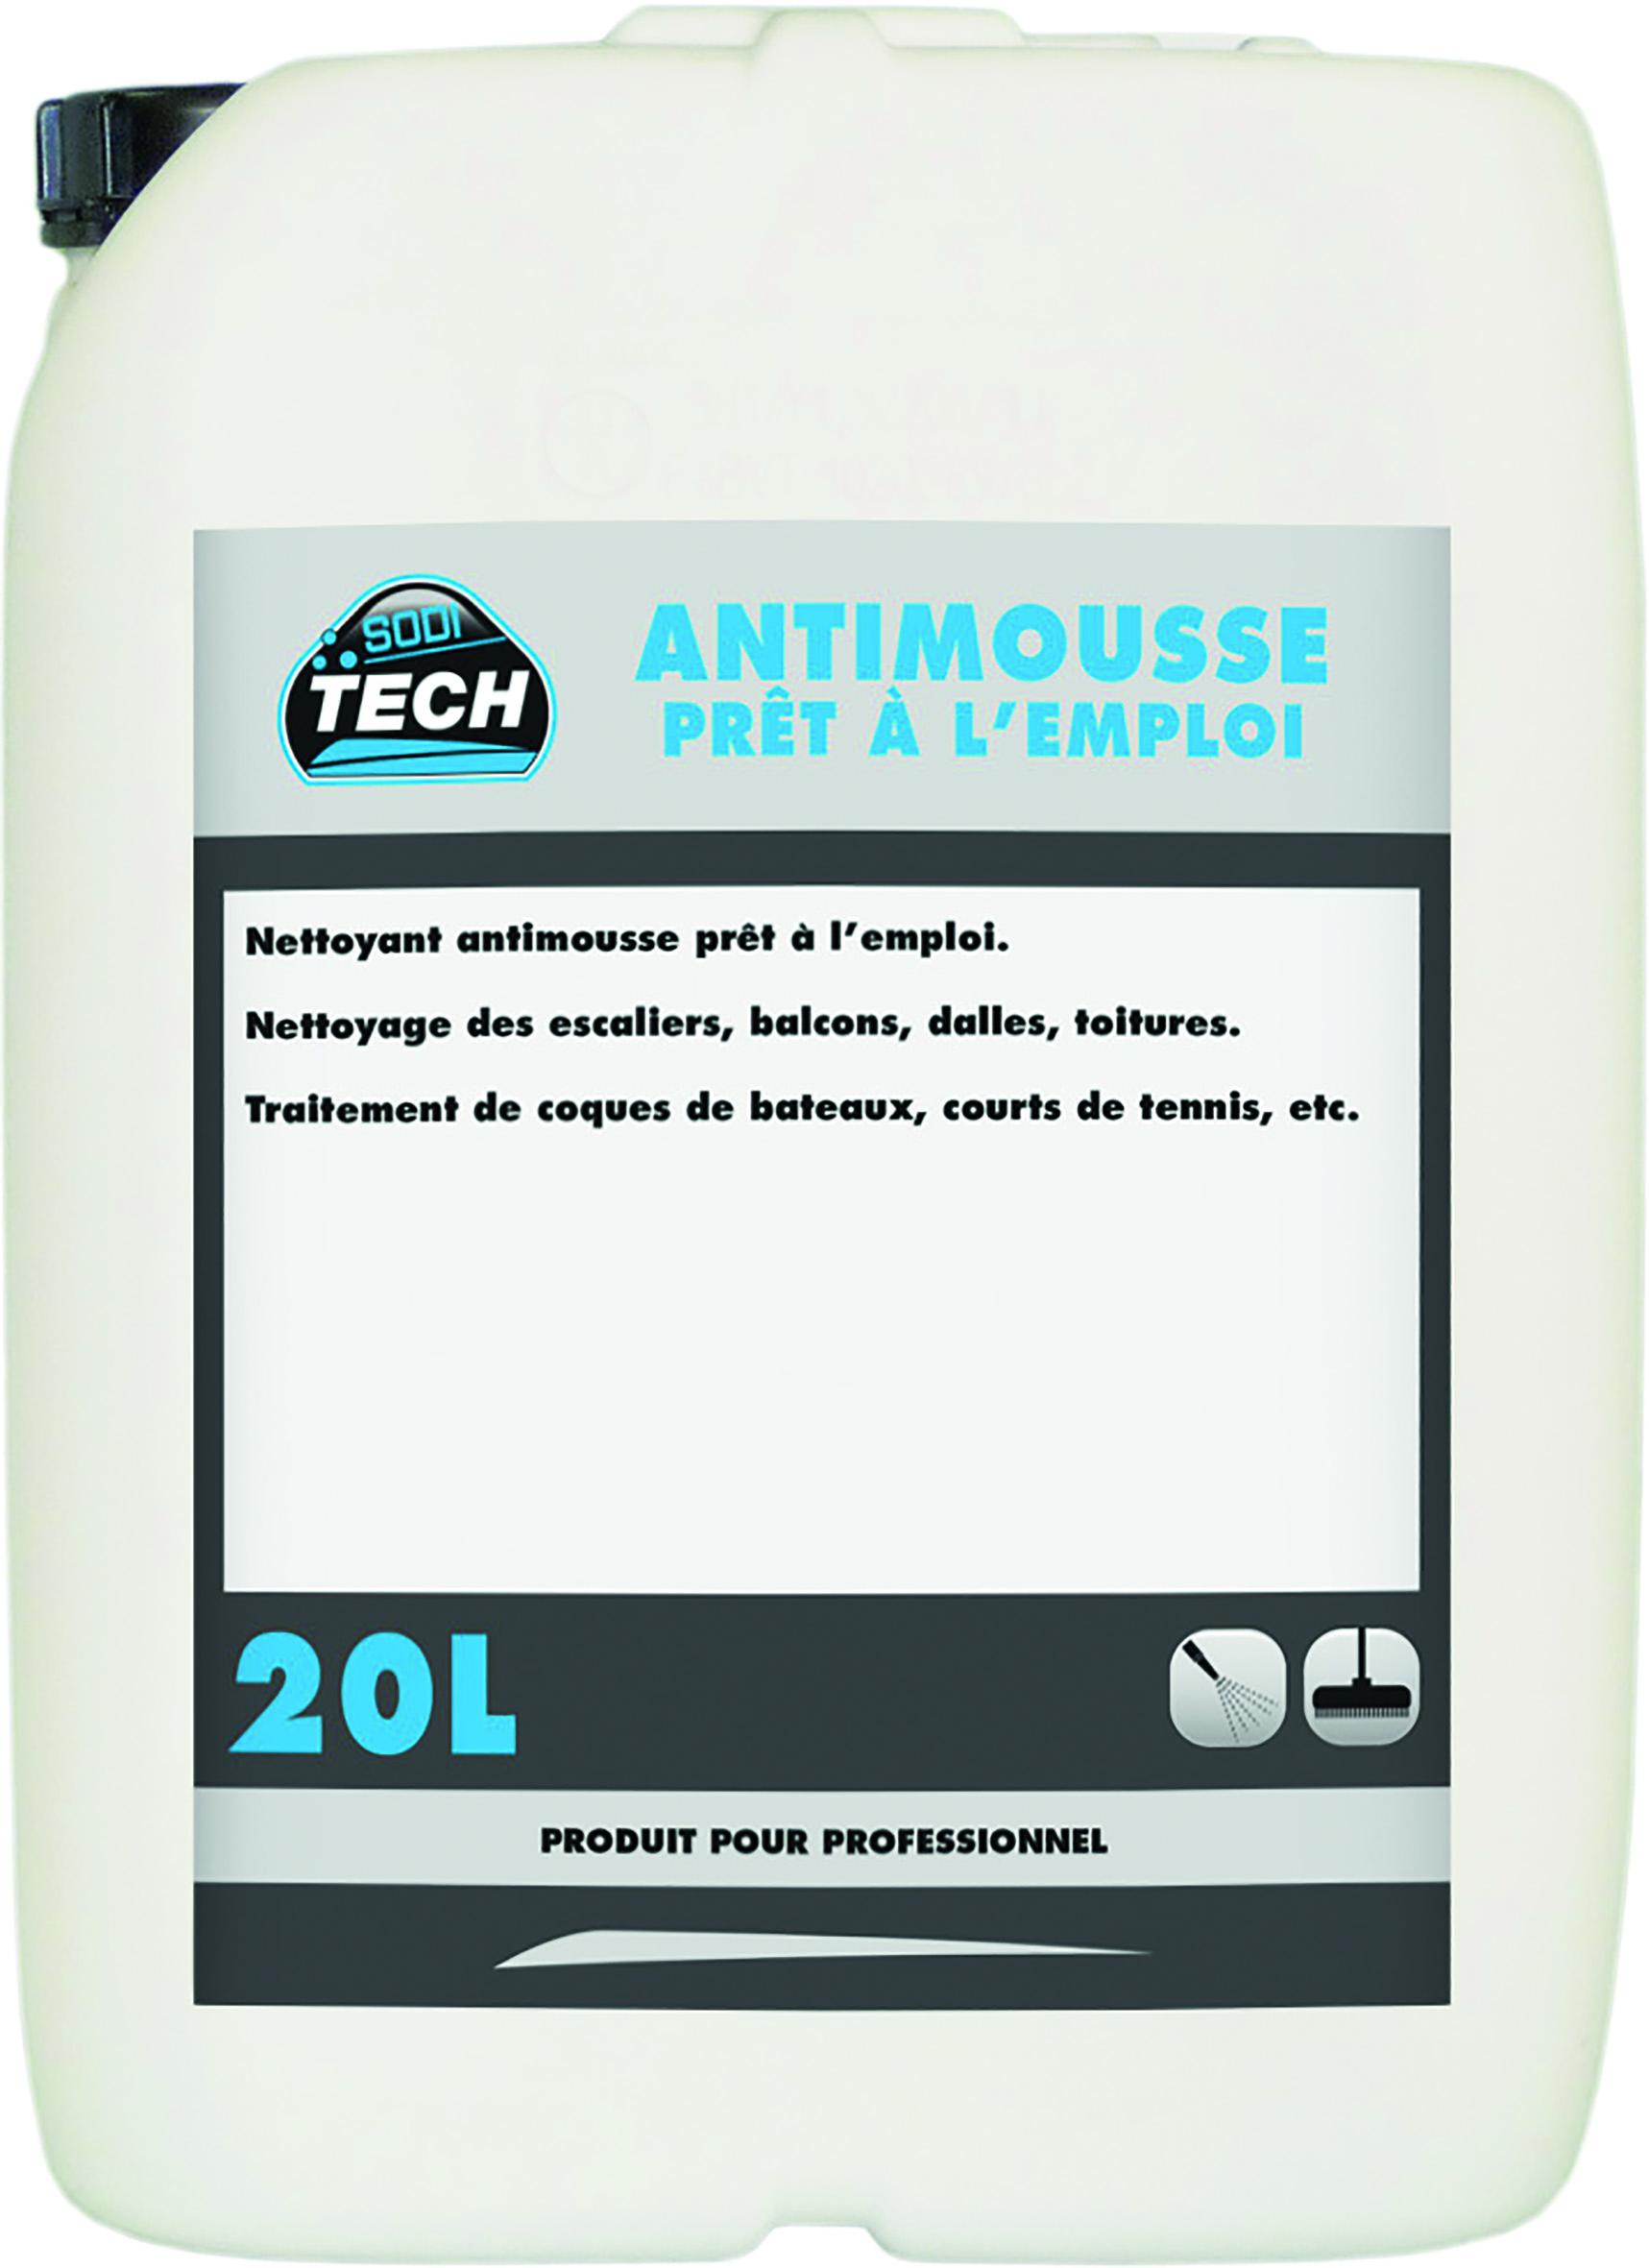 ANTIMOUSSE CONCENTRE - BIDON DE 20L